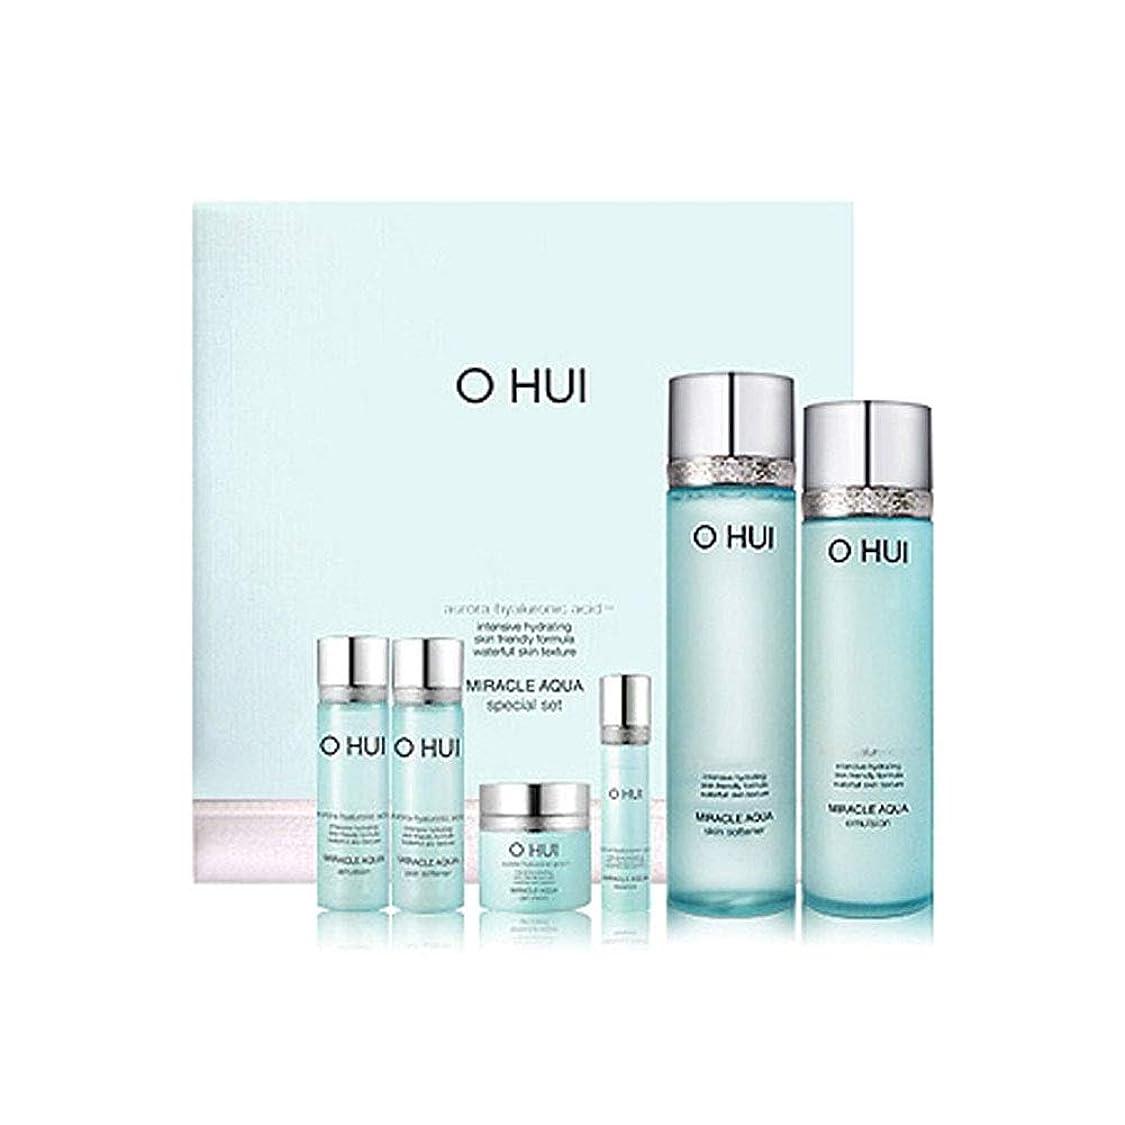 予言する熟考する代数的オフィミラクルアクアスキンソフナーエマルジョンセット韓国コスメ、O Hui Miracle Aqua Skin Softener Emulsion Set Korean Cosmetics [並行輸入品]